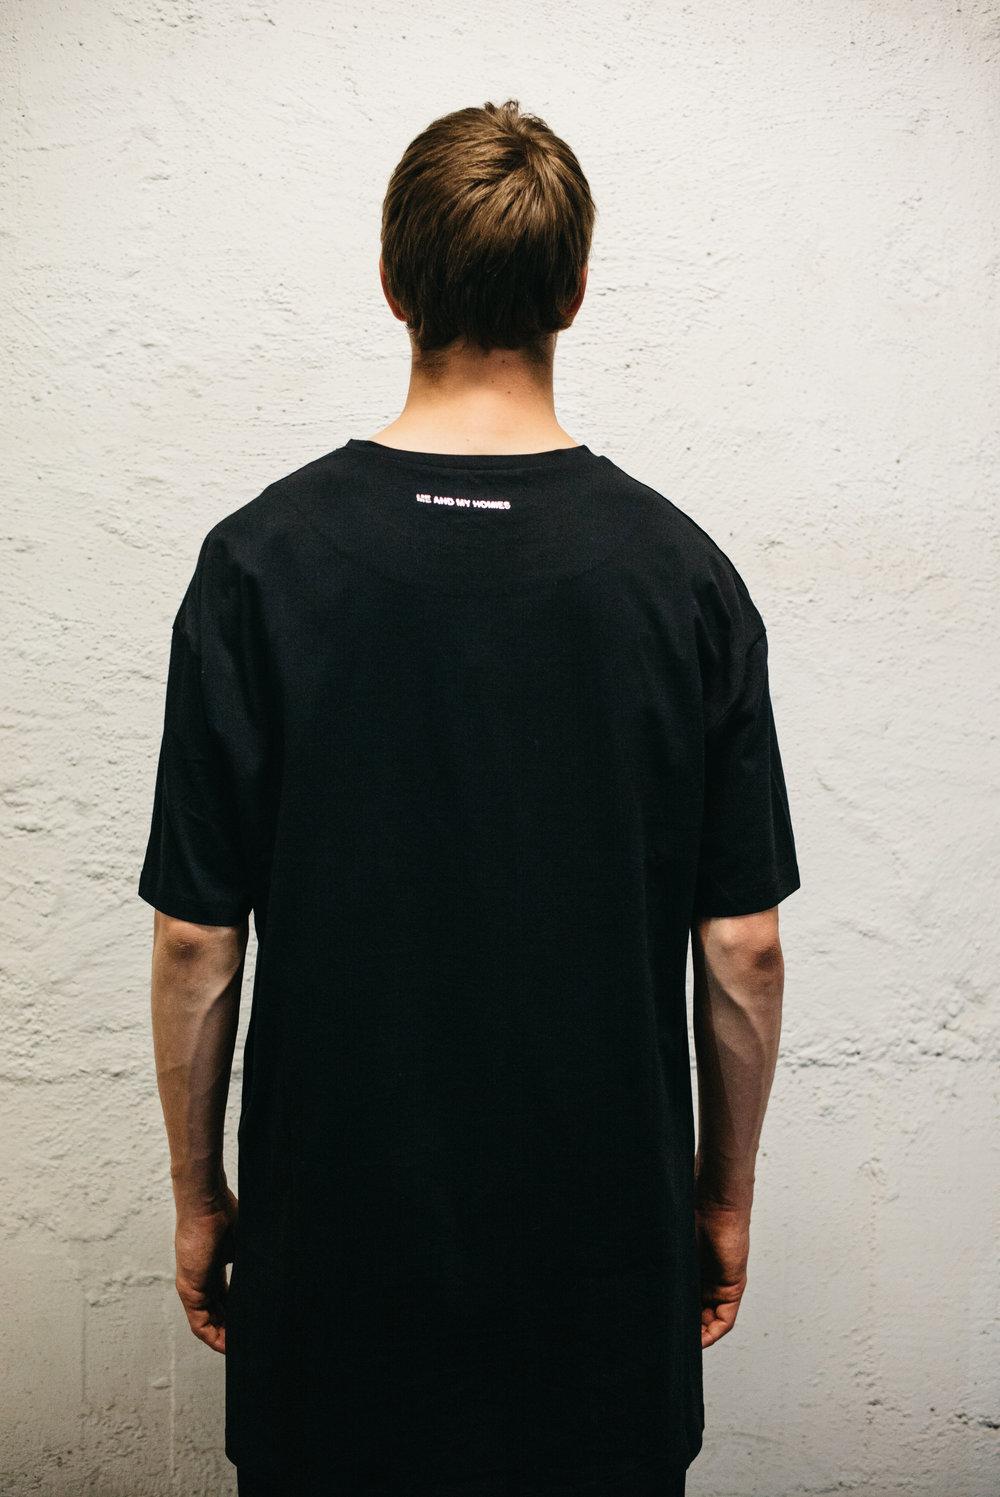 FOILED BLACK - BACK 2.JPG